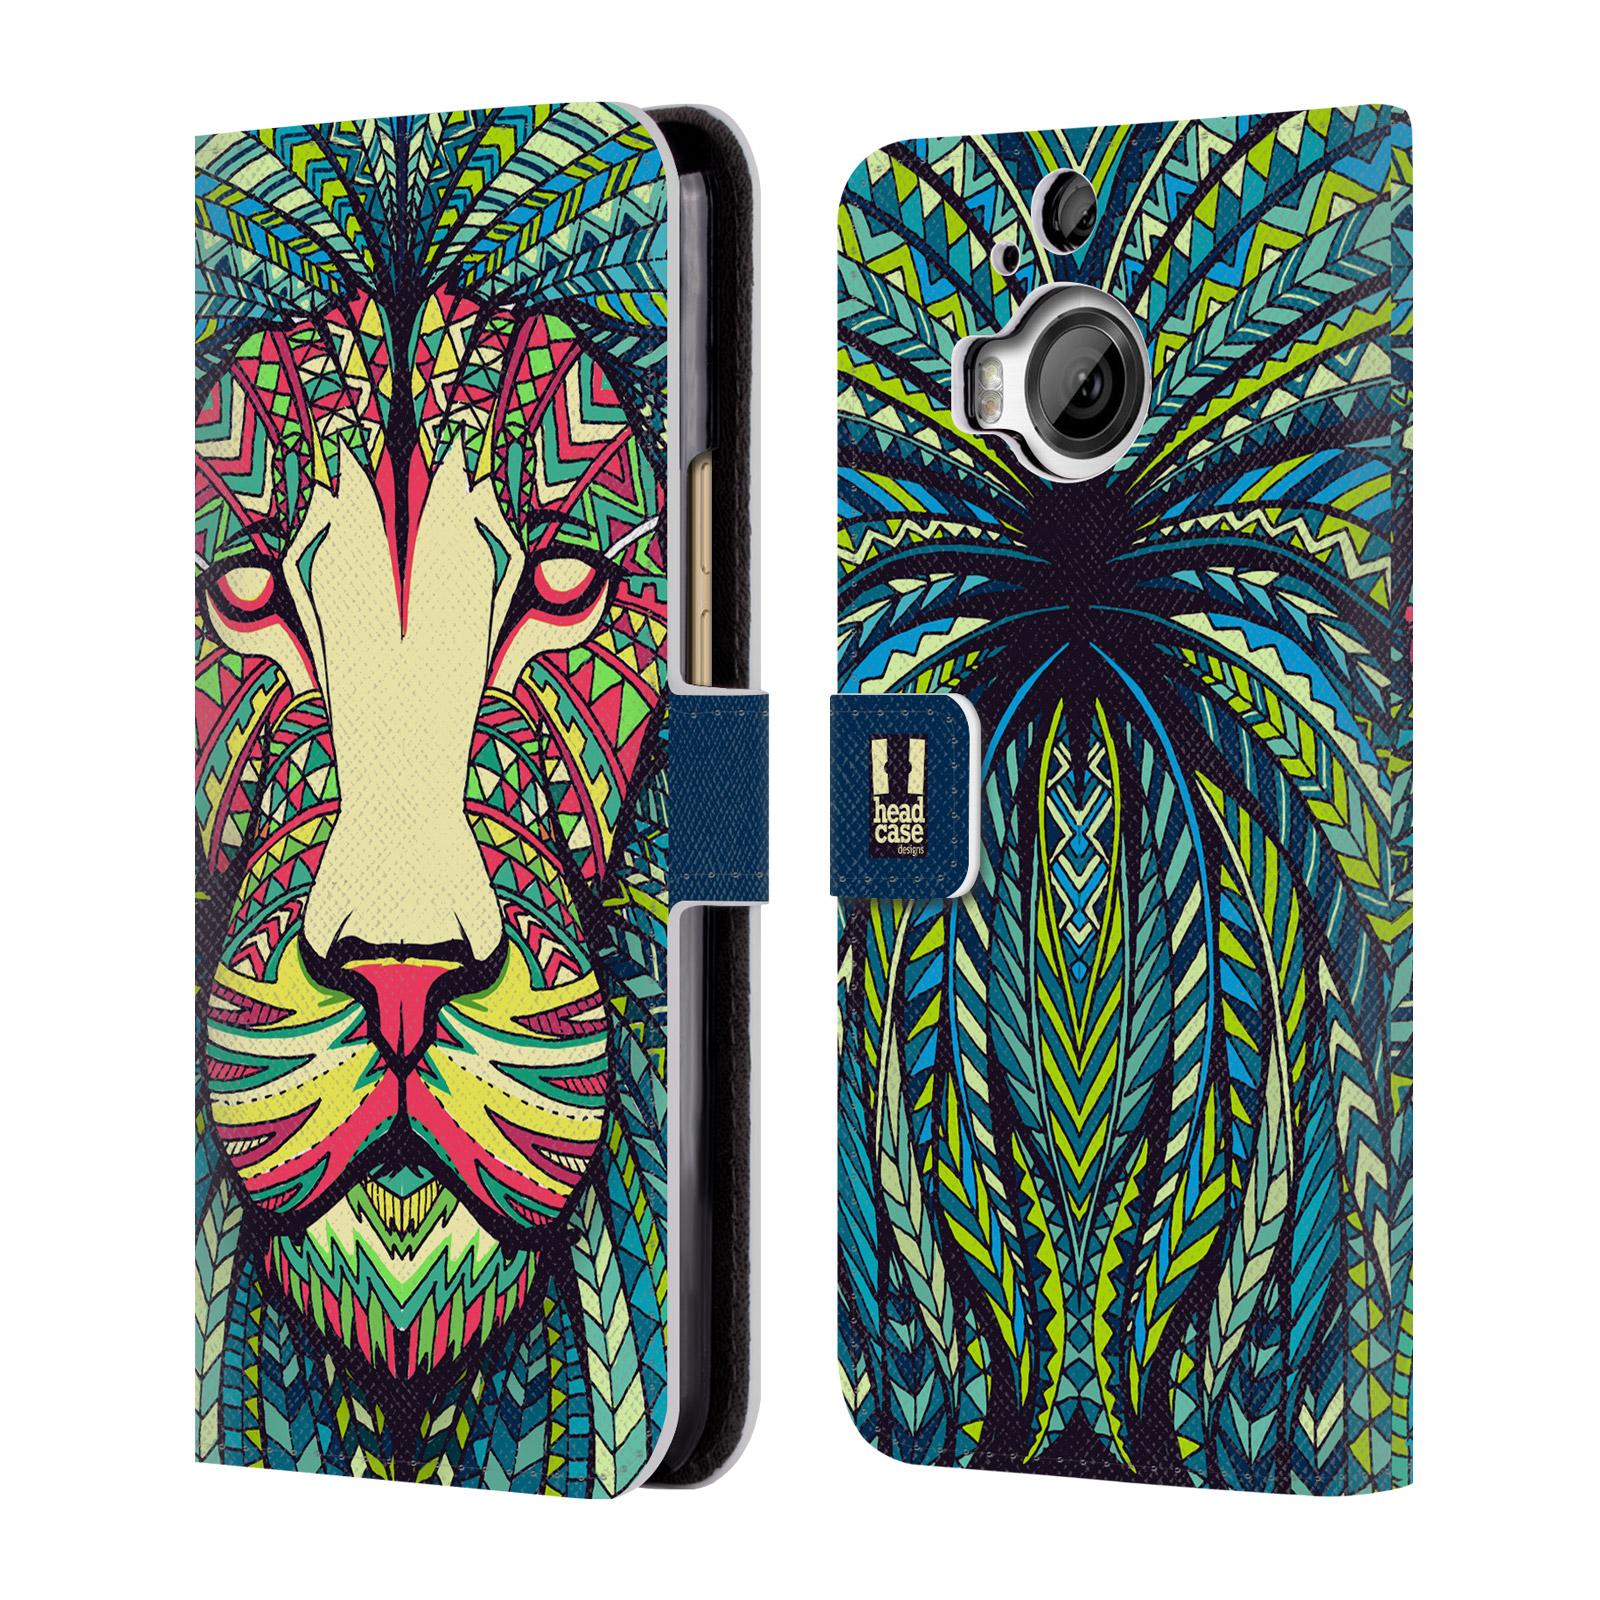 Flipové pouzdro na mobil HTC One M9+ (Plus) HEAD CASE Aztec Lev (Flipový vyklápěcí kryt či obal z umělé kůže na mobilní telefon HTC One M9+)